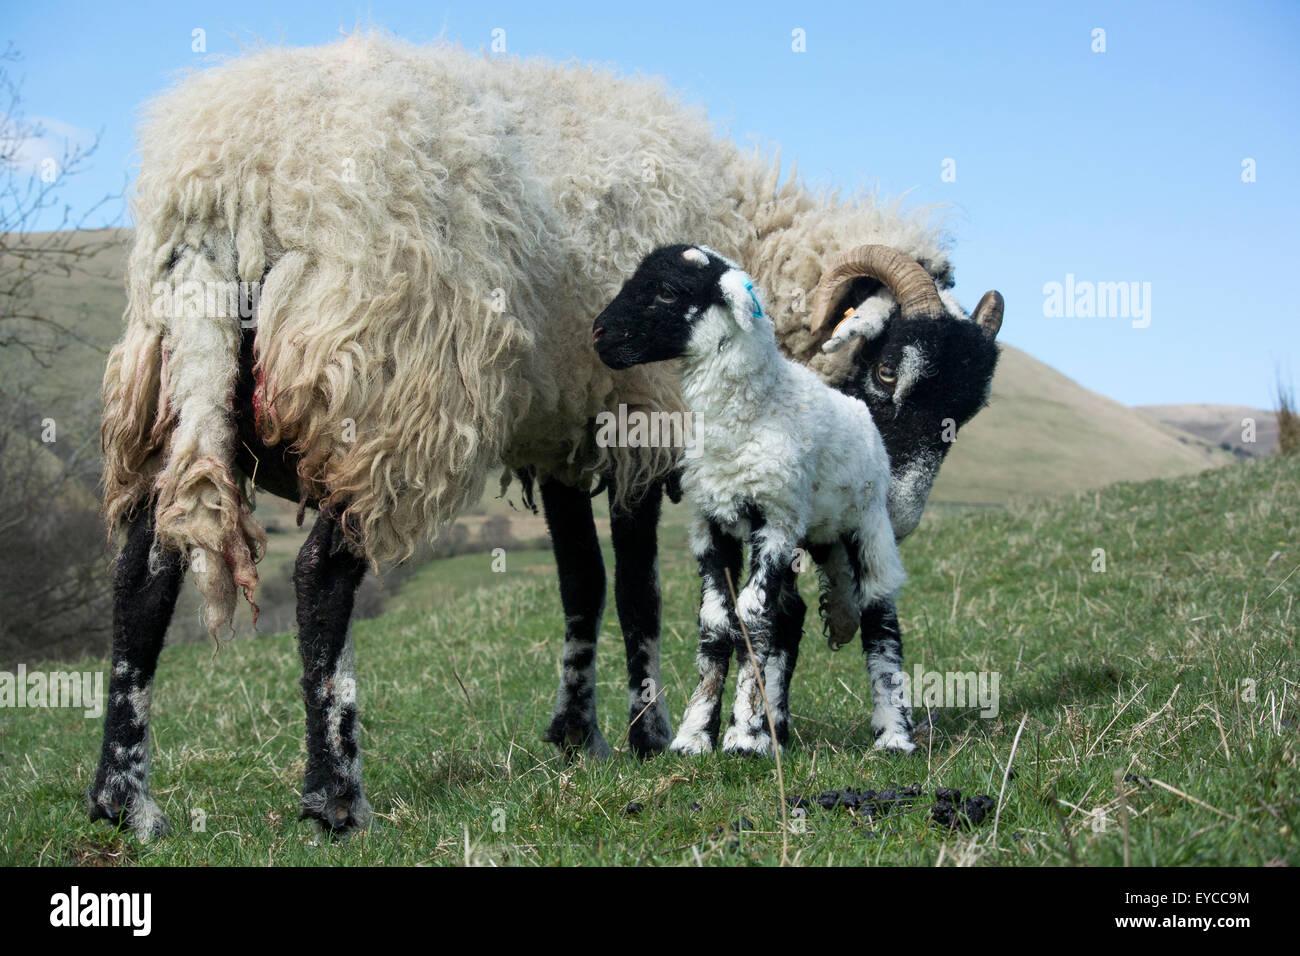 Swaledale ewe with newborn lamb, Cumbria, UK. - Stock Image